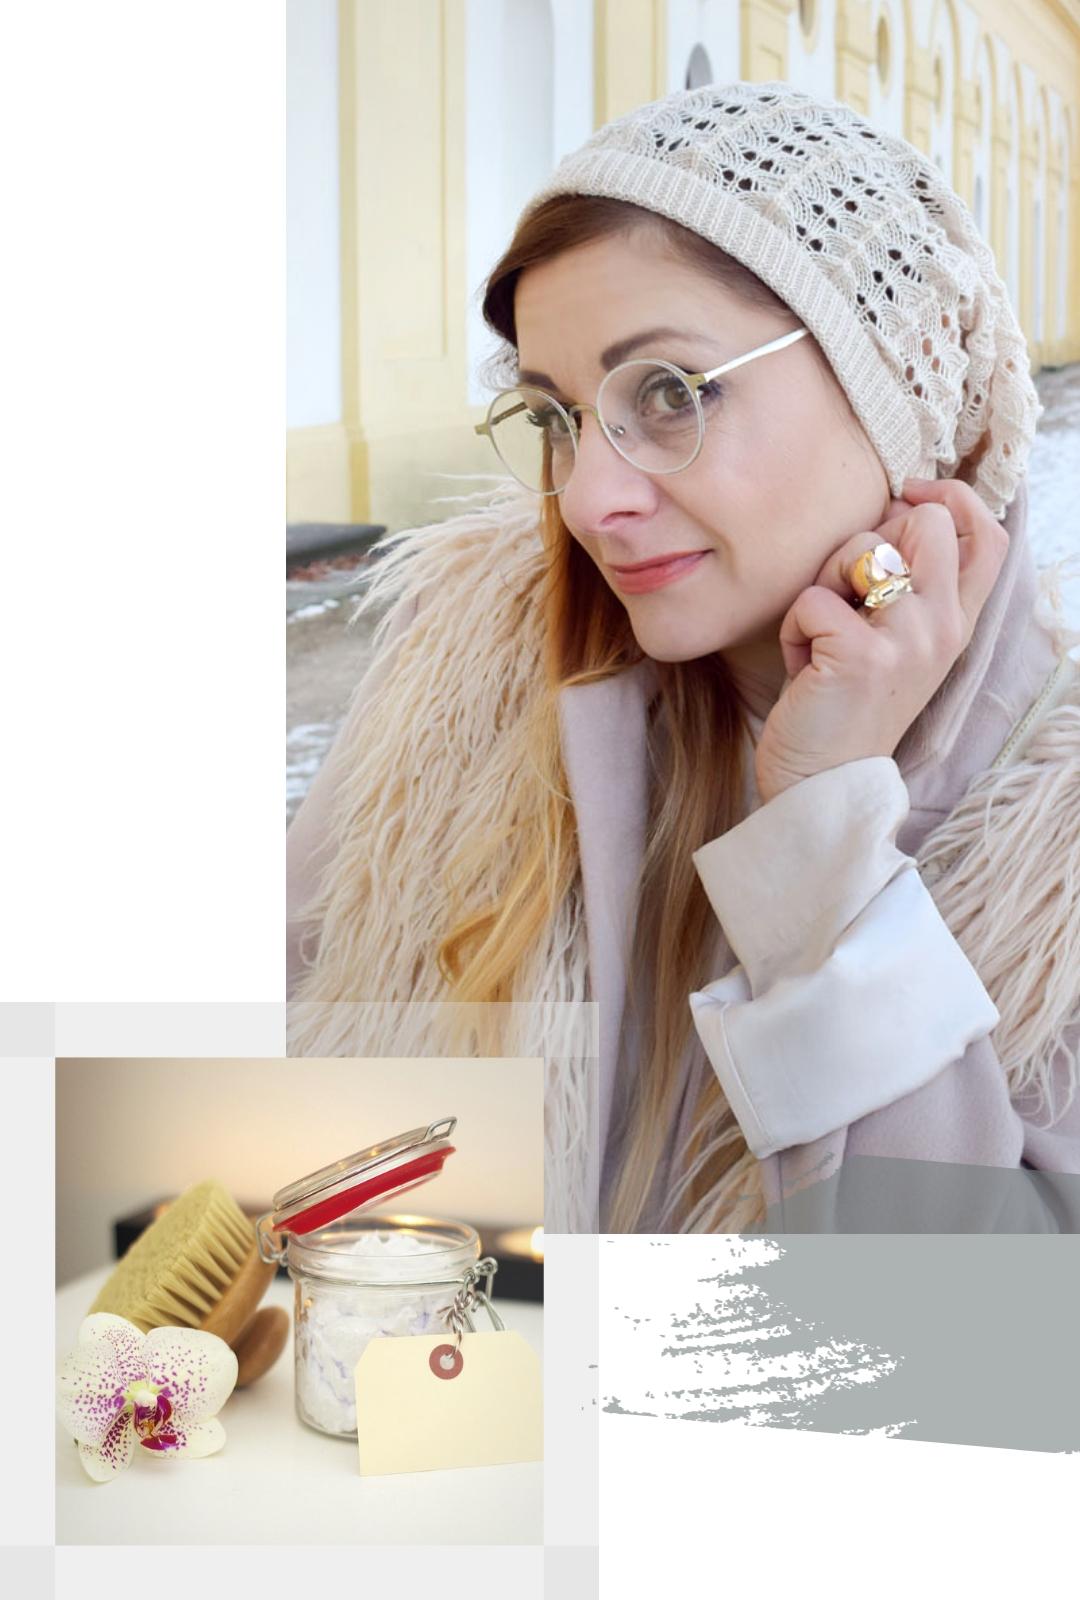 Die beste Pflege für empfindliche Winterhaut. Winterhaut richtig pflegen